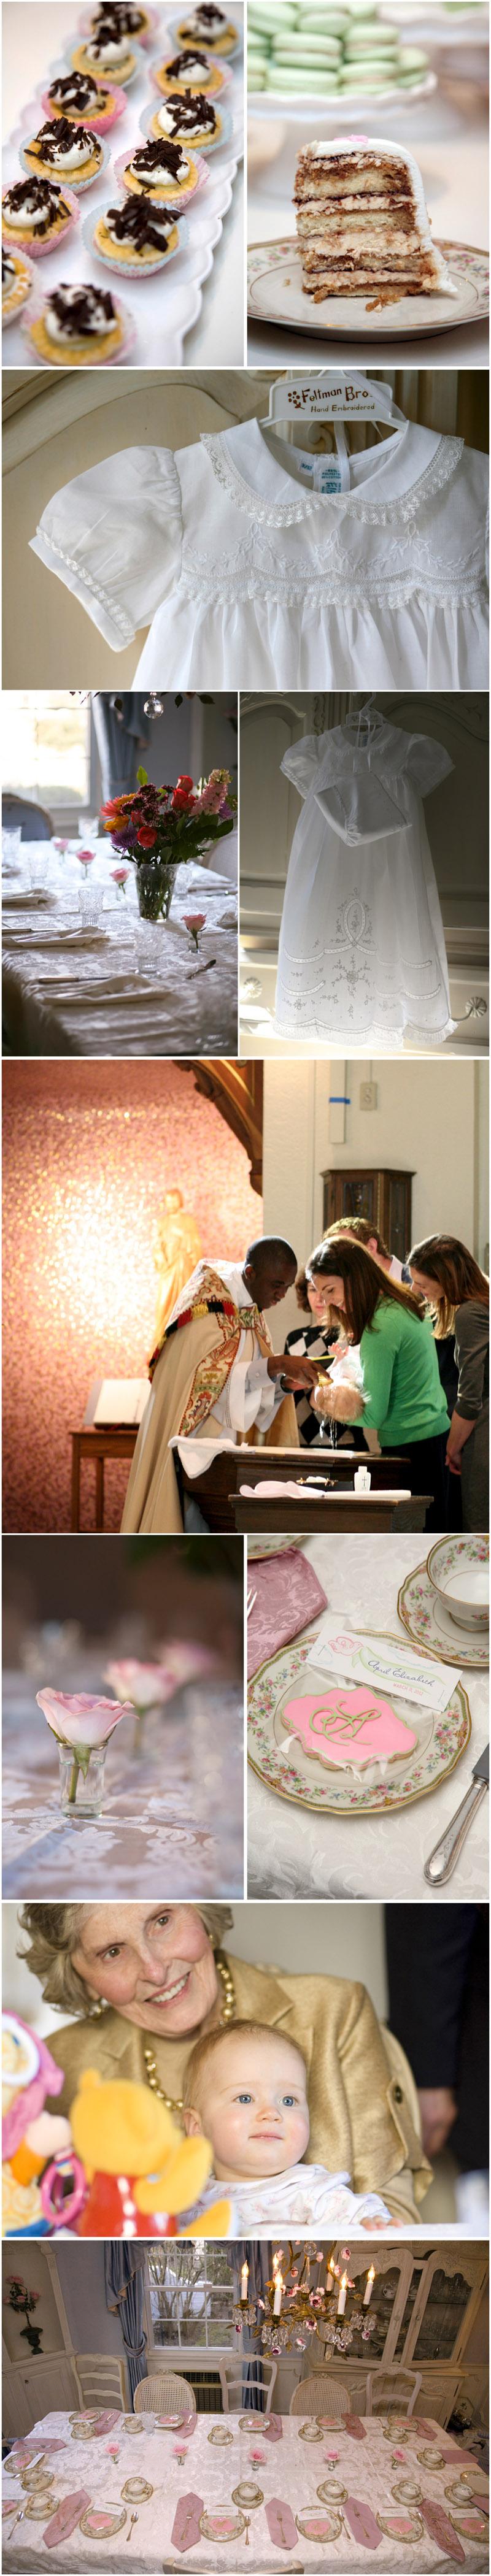 aprilchristening2sm.jpg